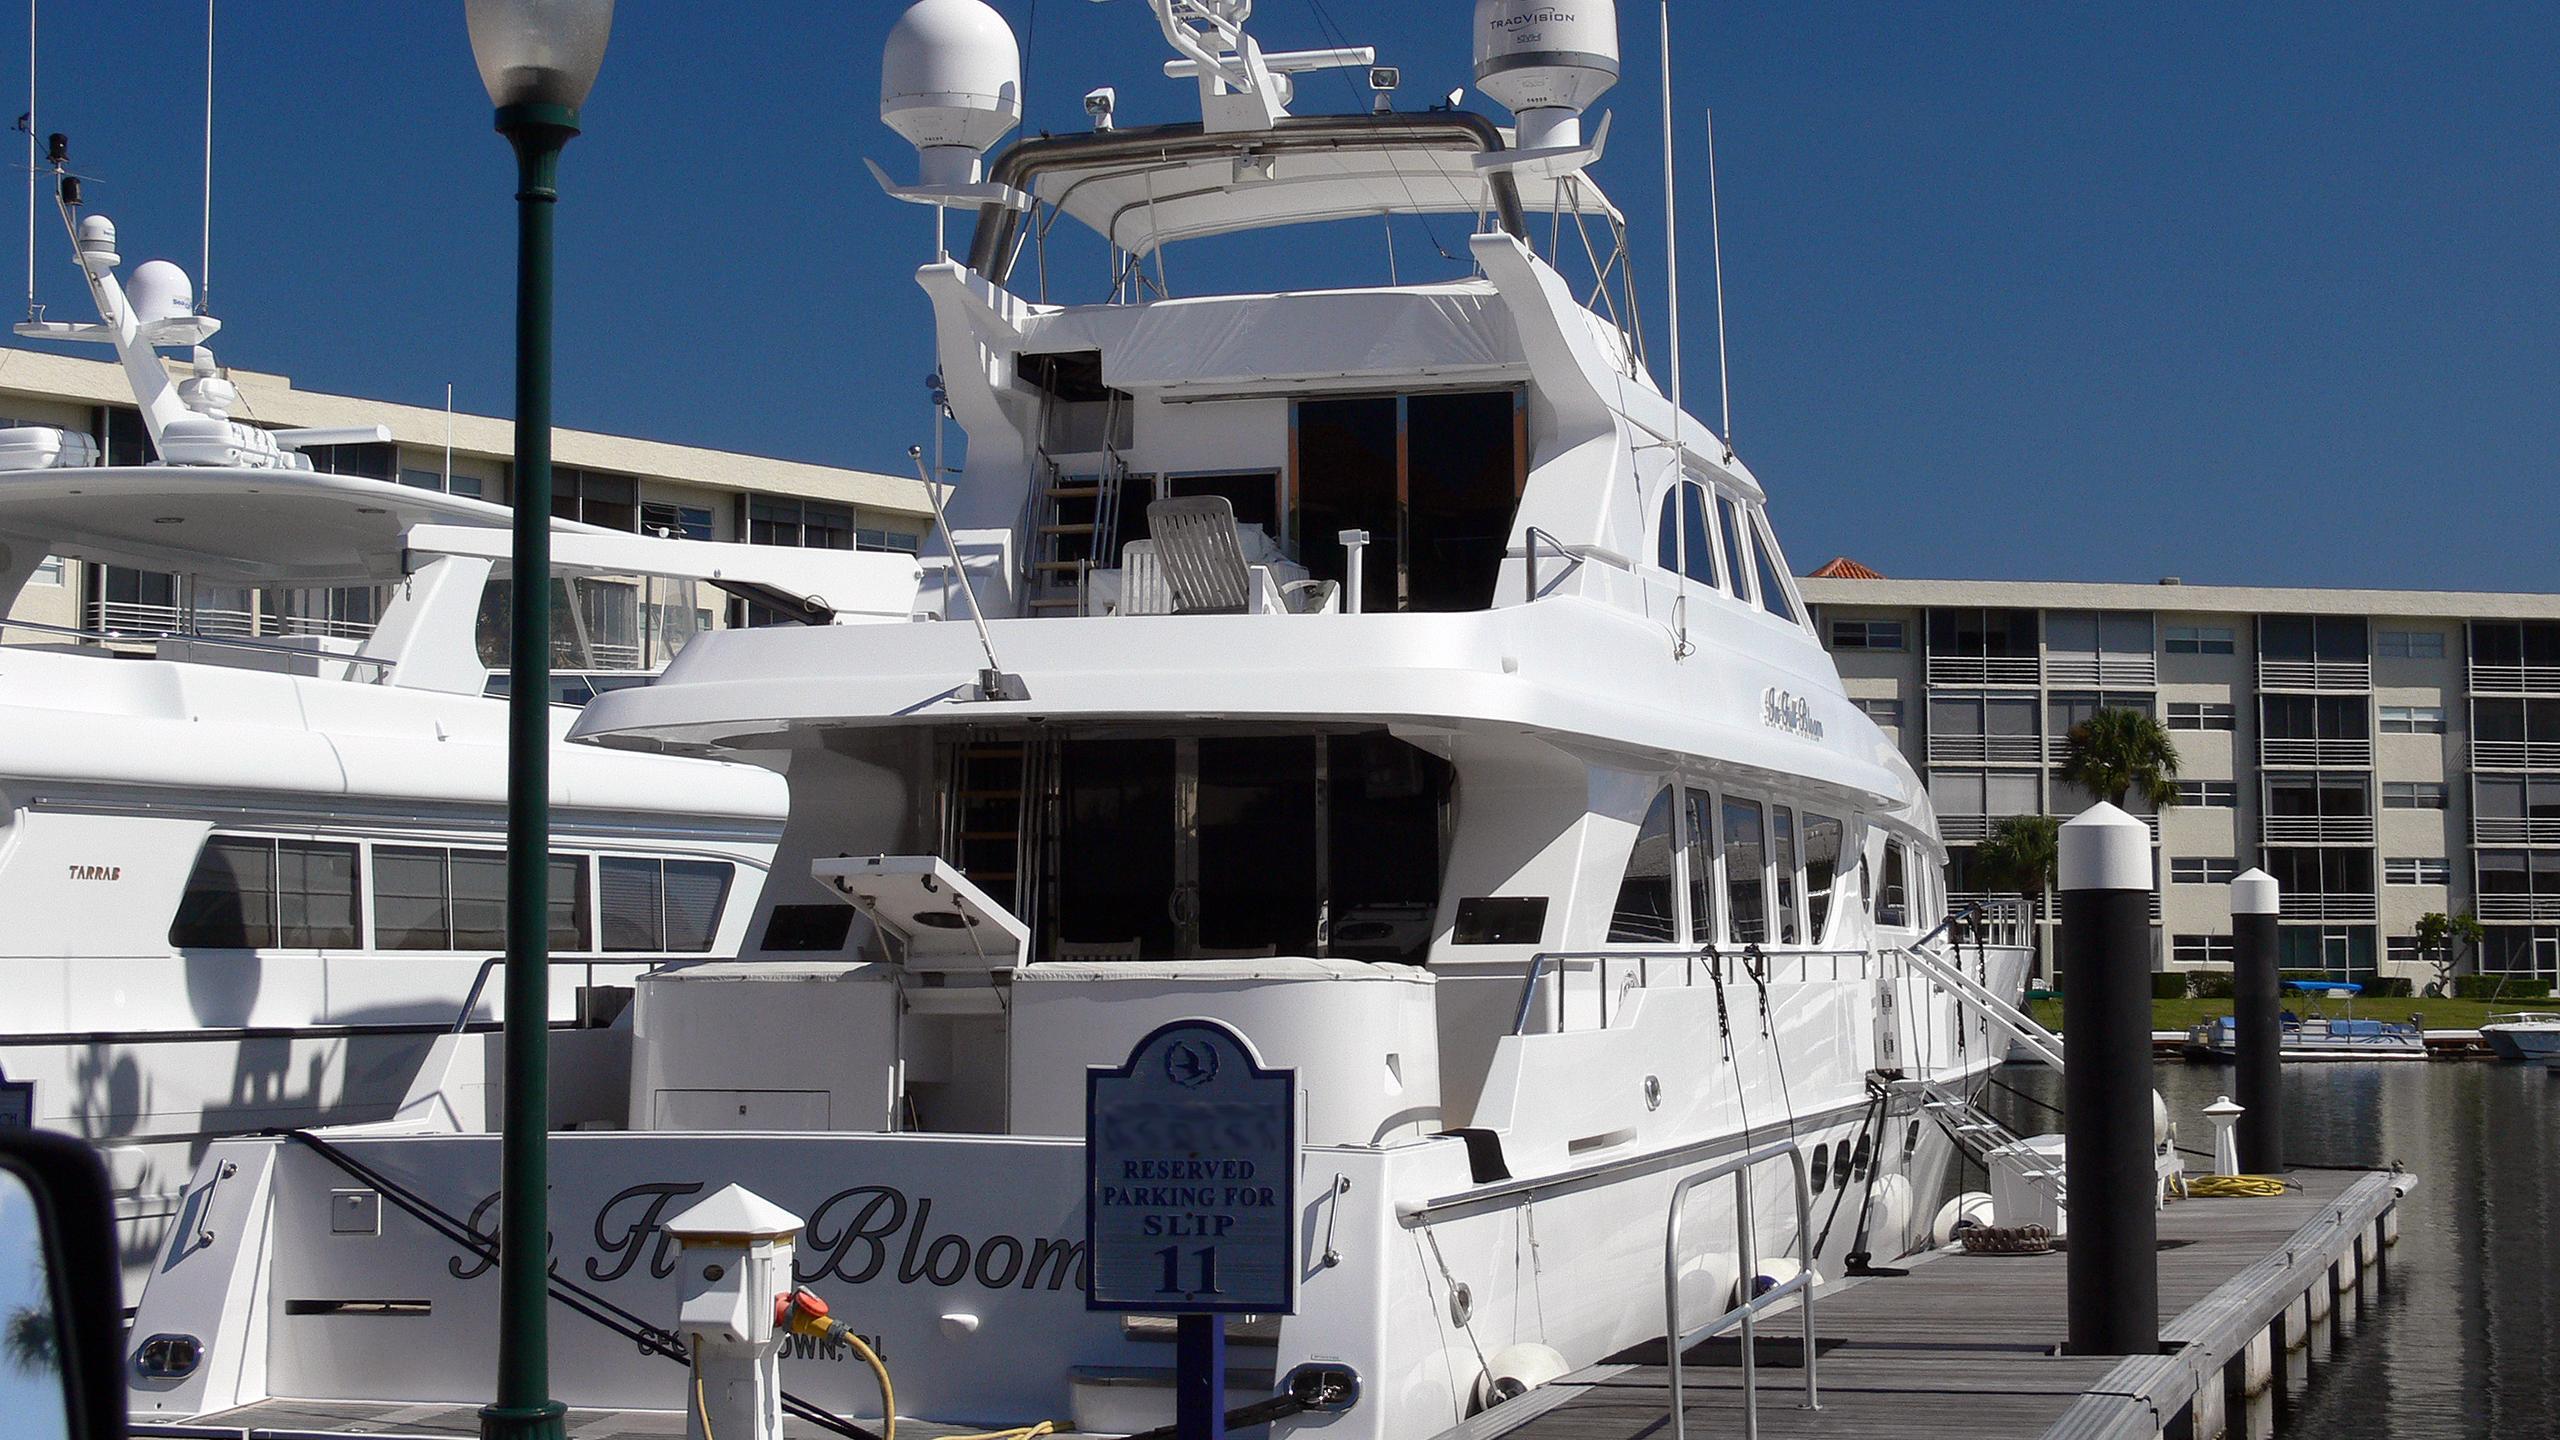 marbella-iii-in-full-bloom-motor-yacht-heisley-premier-95-custom-1999-29m-berth